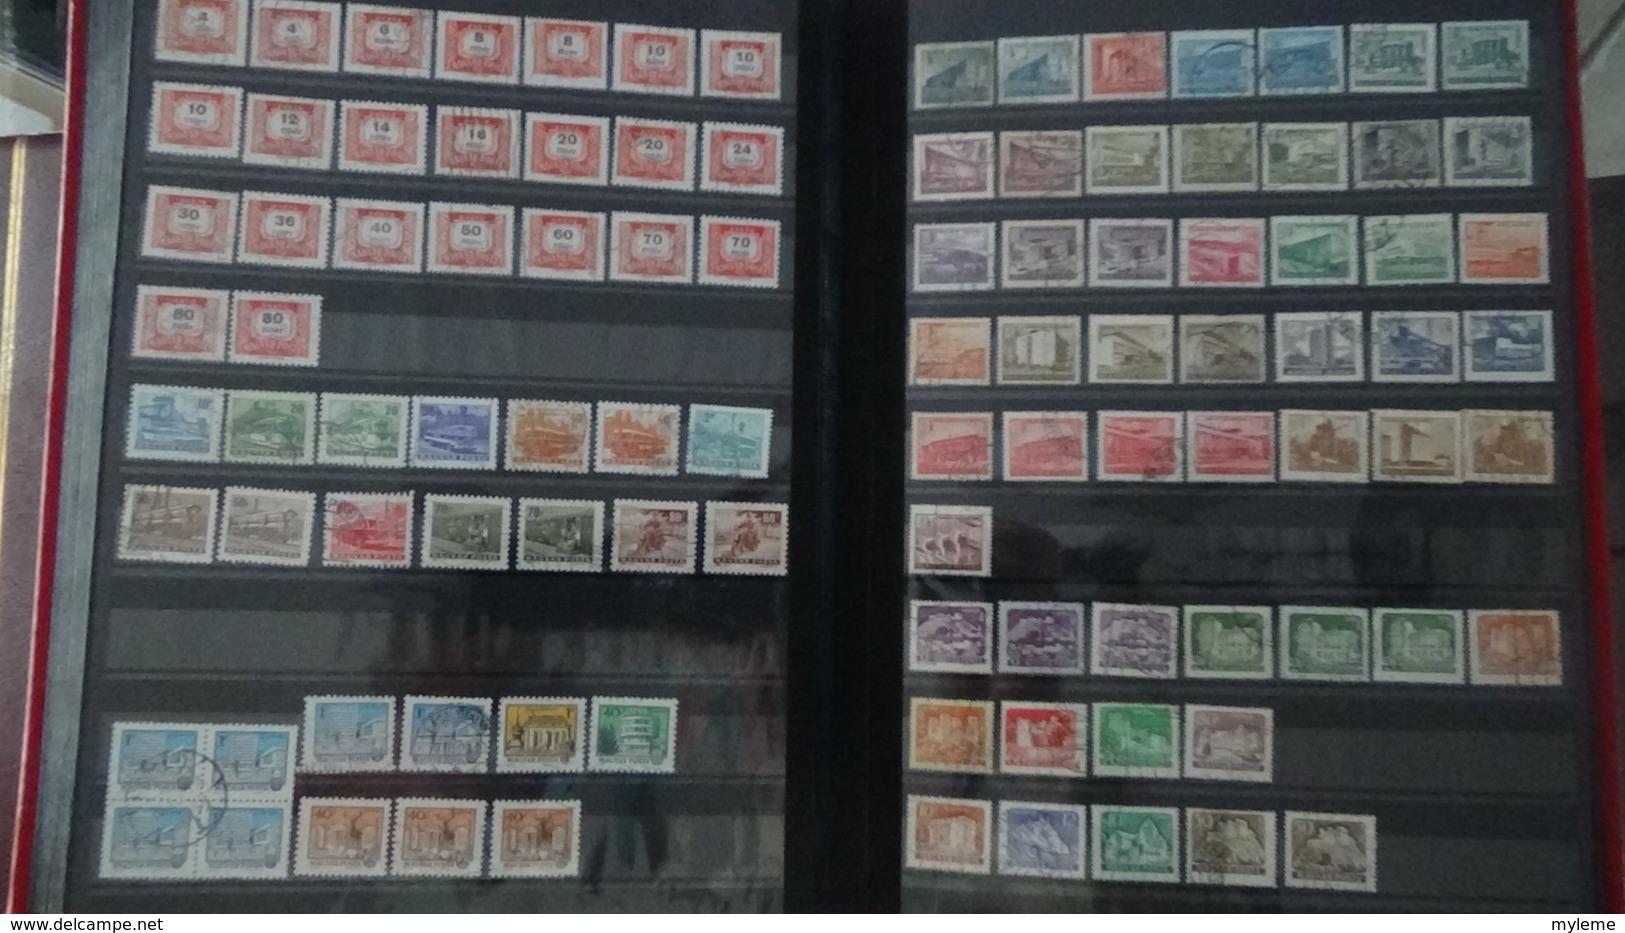 Collection Hongrie Majorité Oblitérés Dont Timbres ** De France Côte 305 Euros Hors Timbres De L'album !!! - Timbres